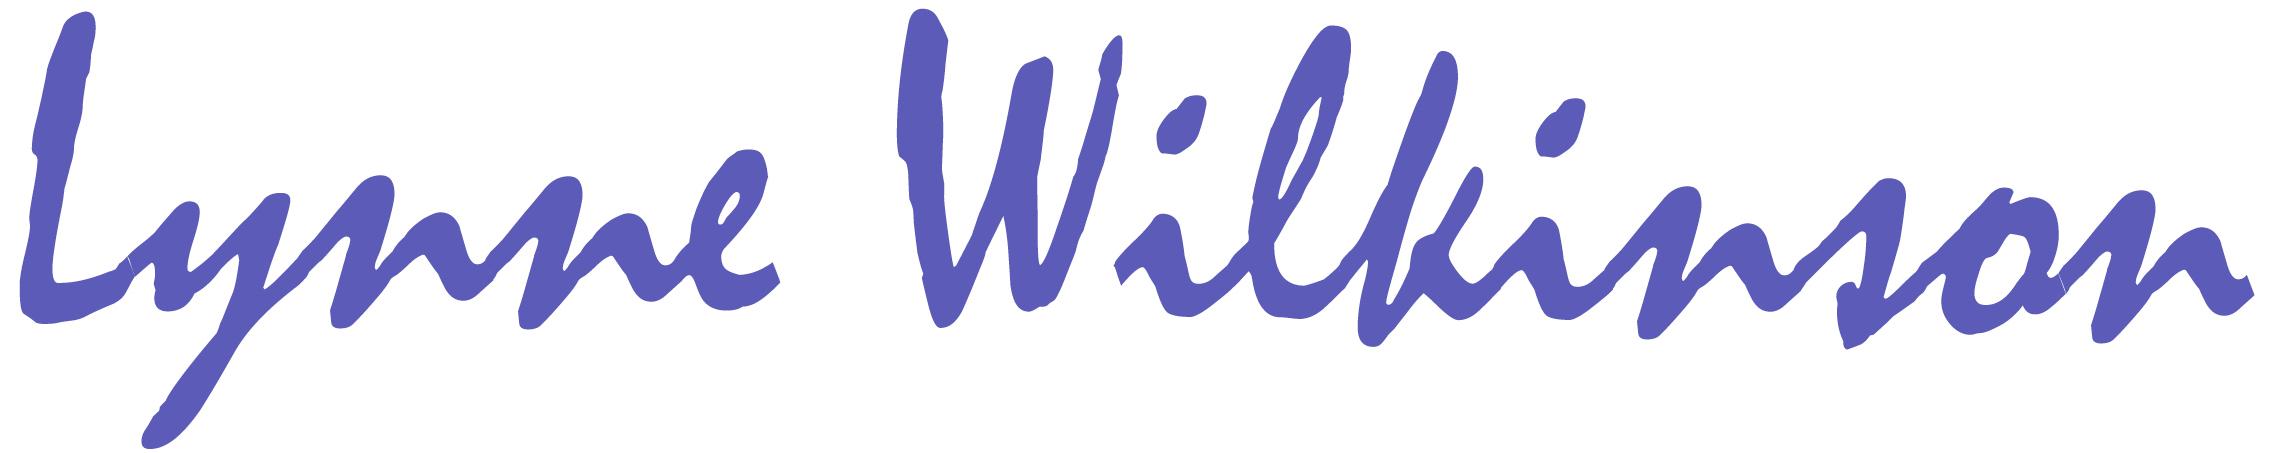 Lynne Wilkinson Fine Art Logo